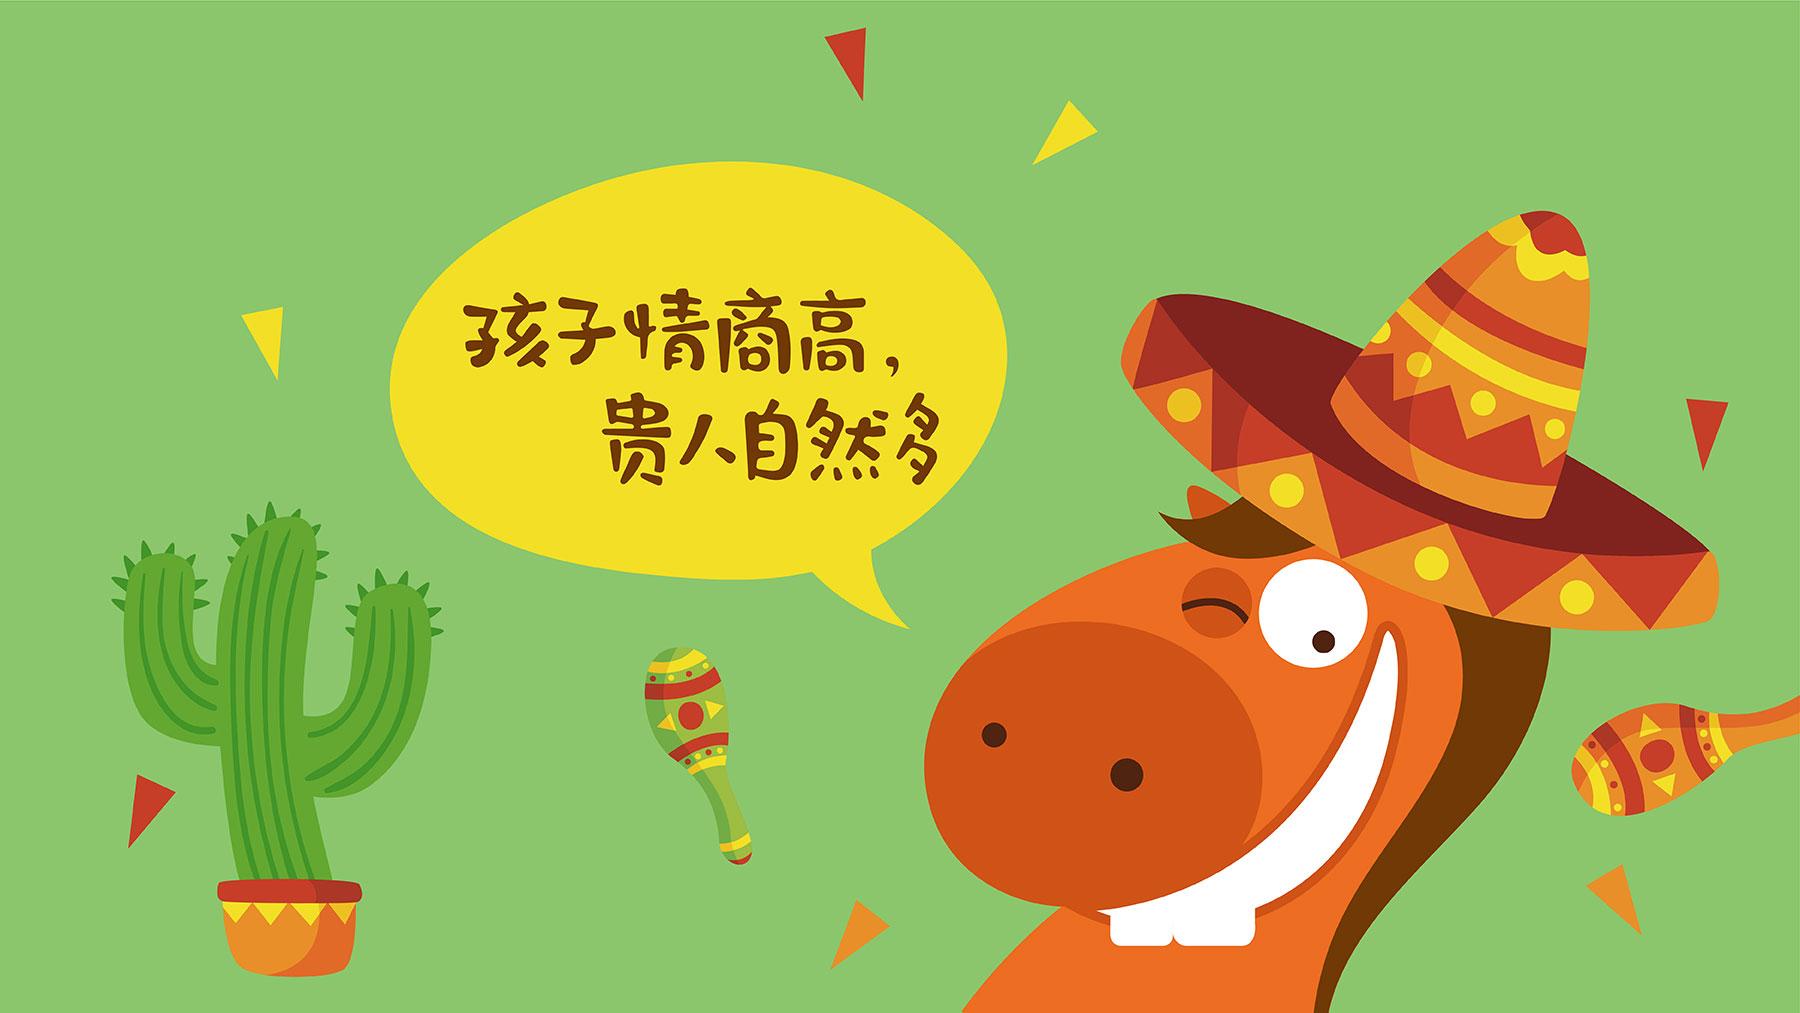 """马乐乐品牌创建全案策划:孩子情商高,贵人自然多 """"data-file="""